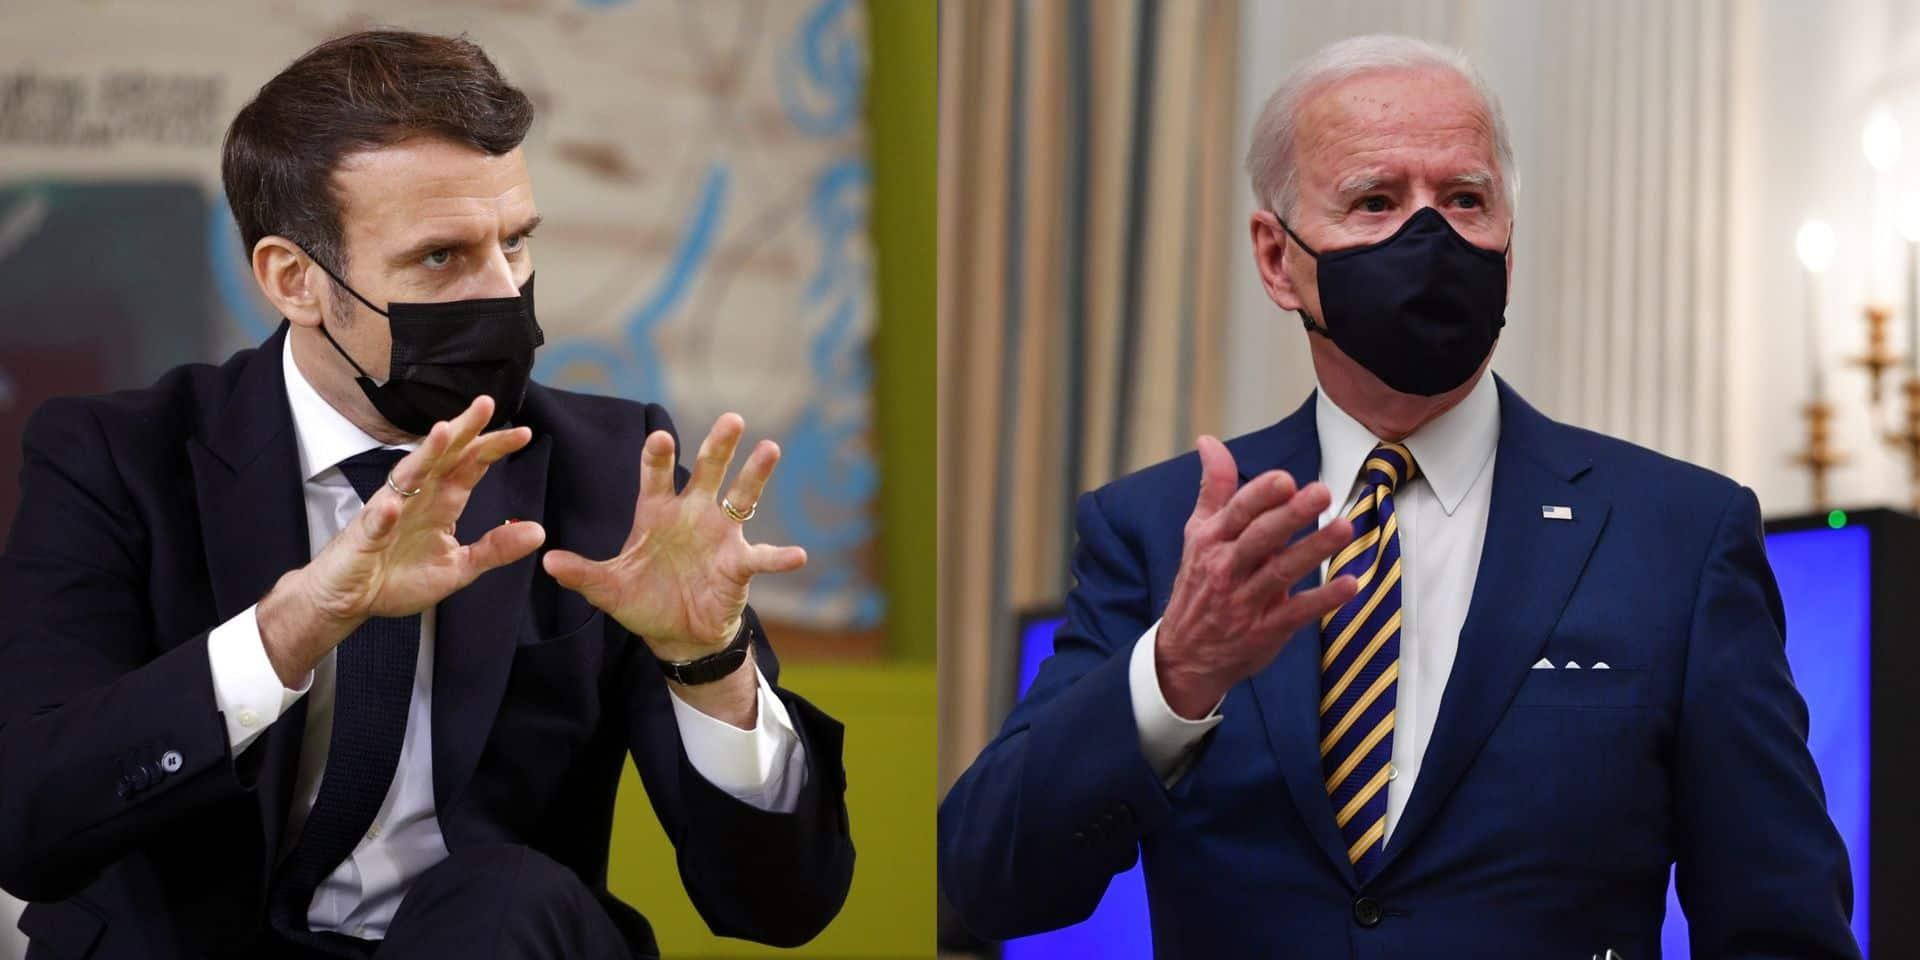 """Macron et Biden ont eu leur première discussion: """"Grande convergence de vues sur le Covid et le climat"""""""